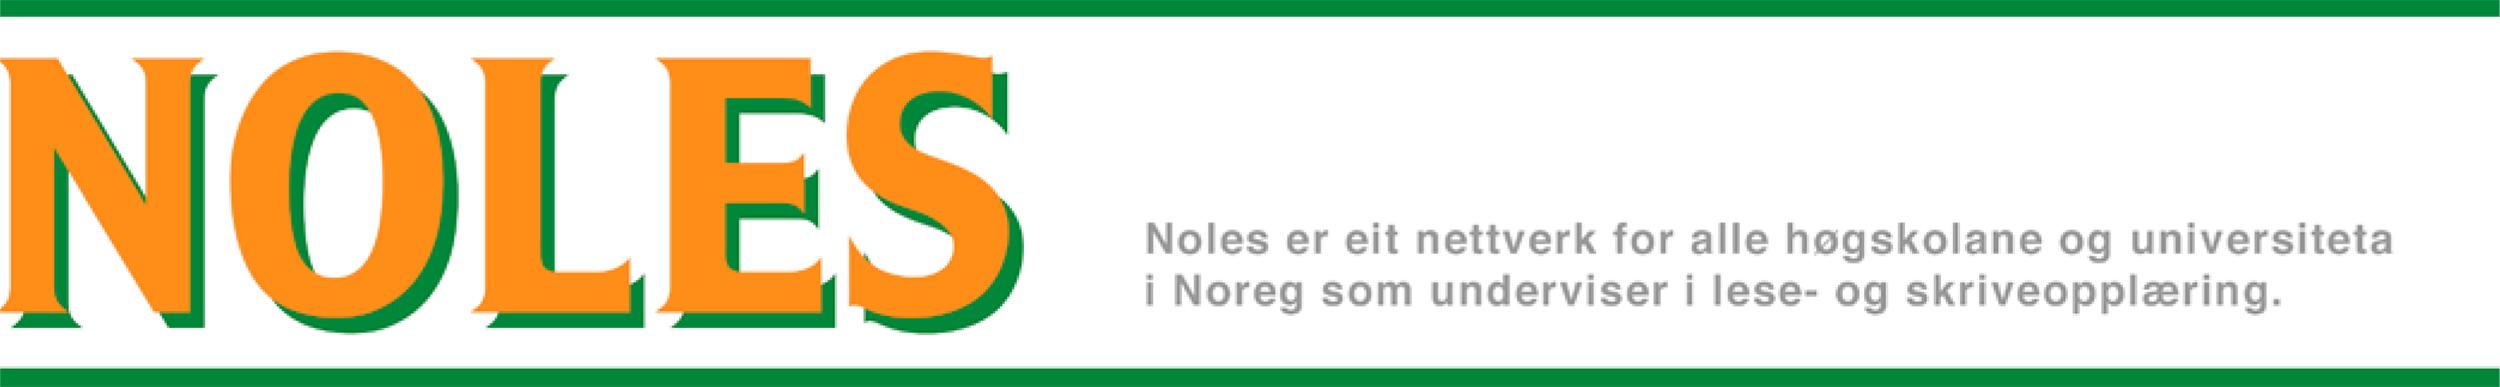 noles_med-slogun